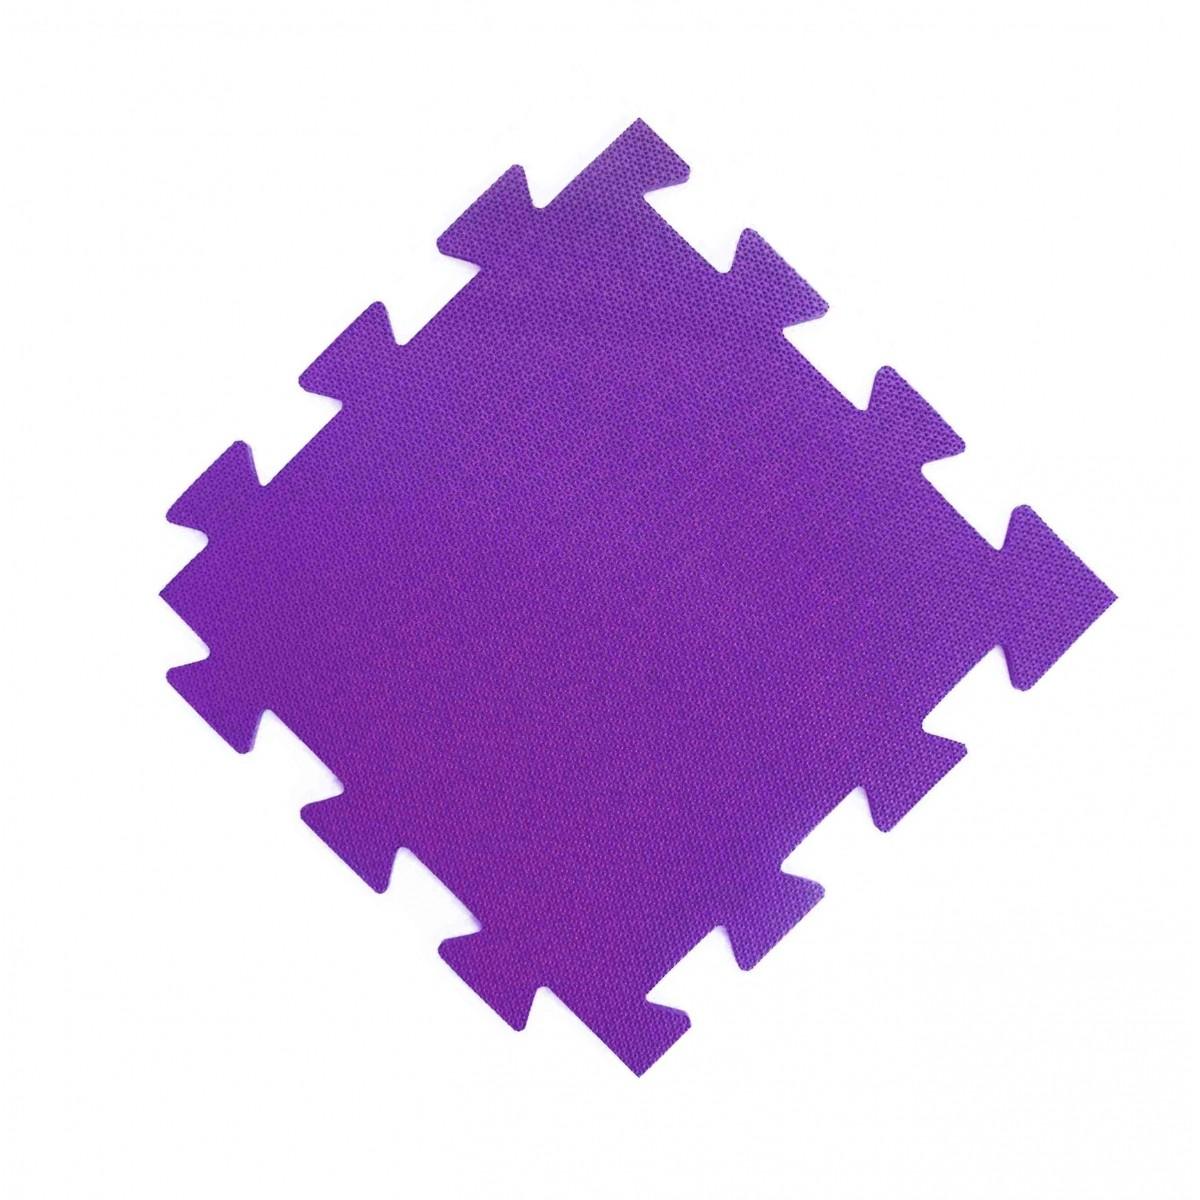 Tatame 50x50cm Com 15mm de Espessura Lilás  -